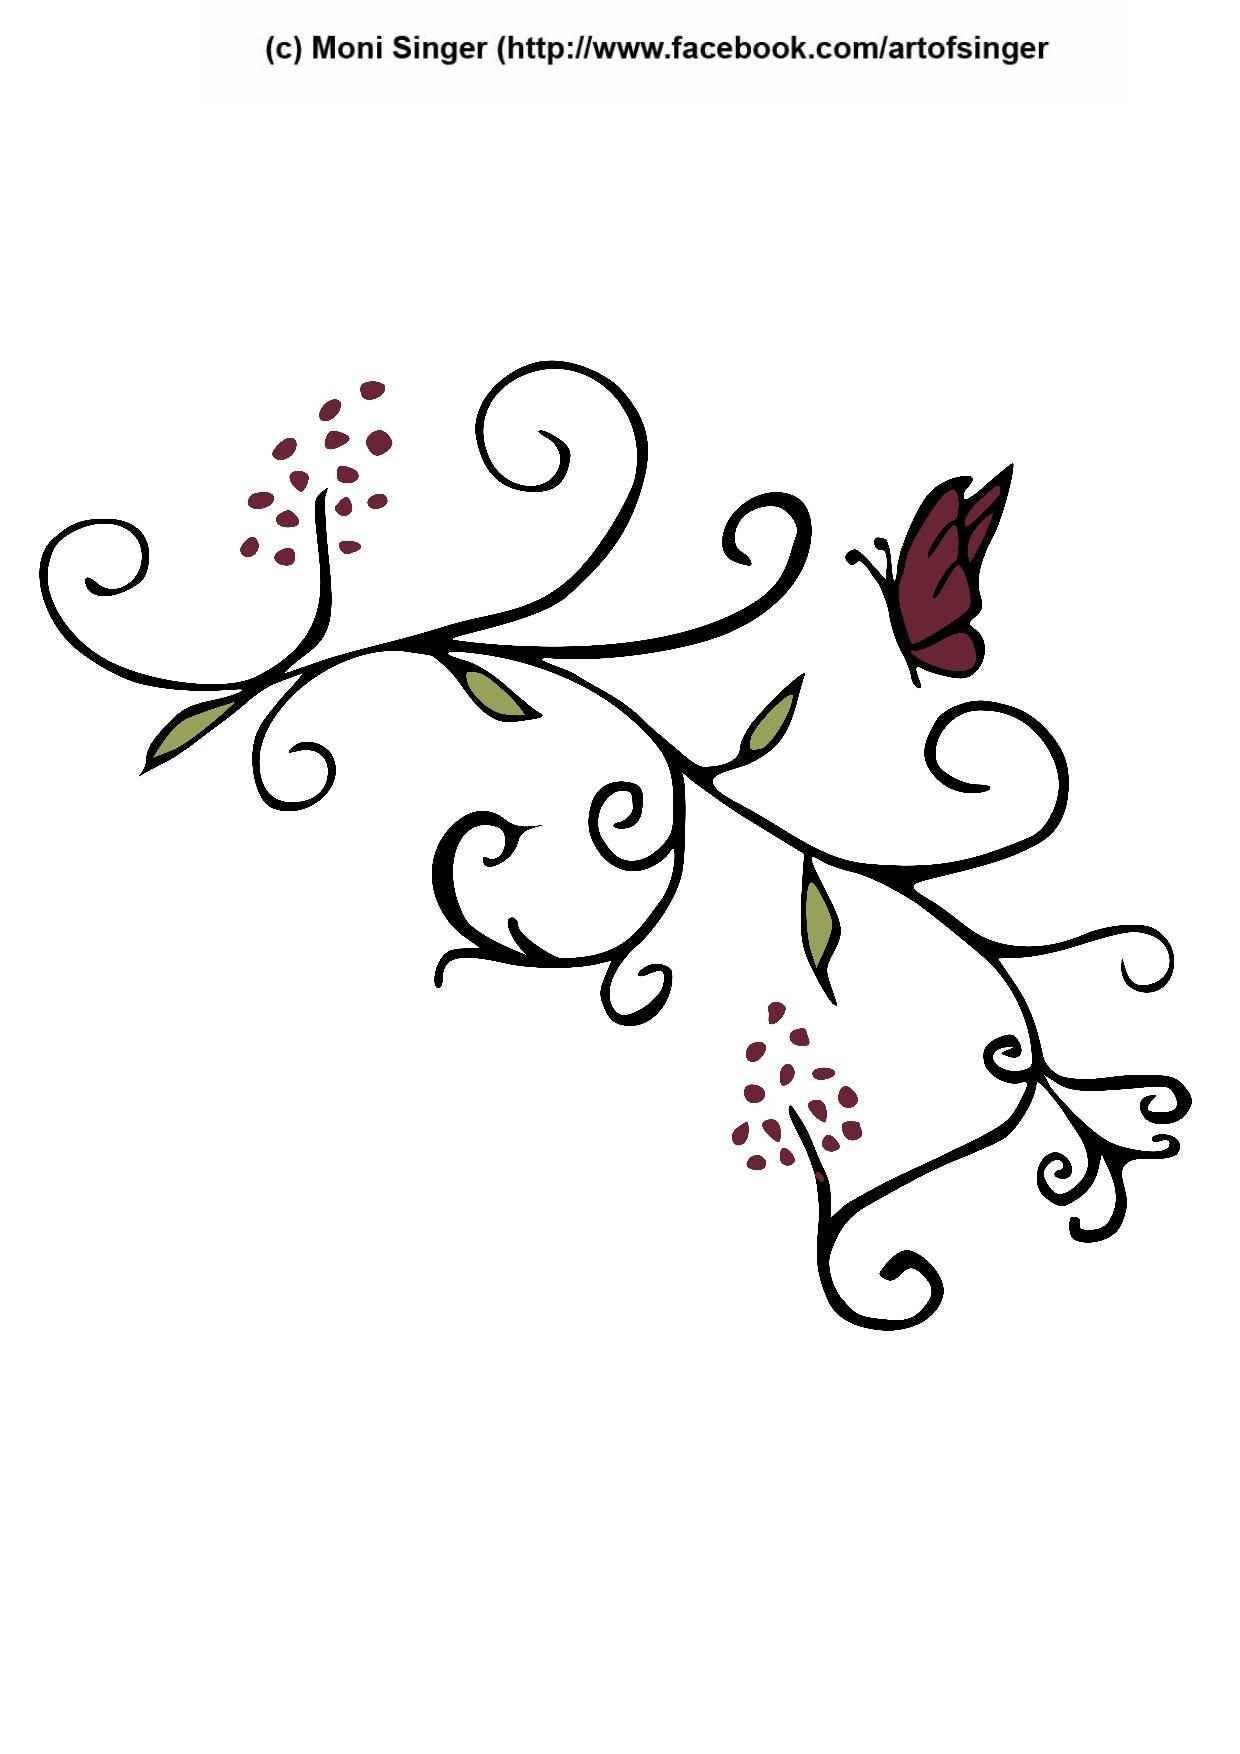 Silhouette Plotter File Free Plotter Datei Kostenlos Plotter Freebie Flower Blumen Ornamente Ornamente Vorlagen Clipart Kostenlos Plotter Kostenlos